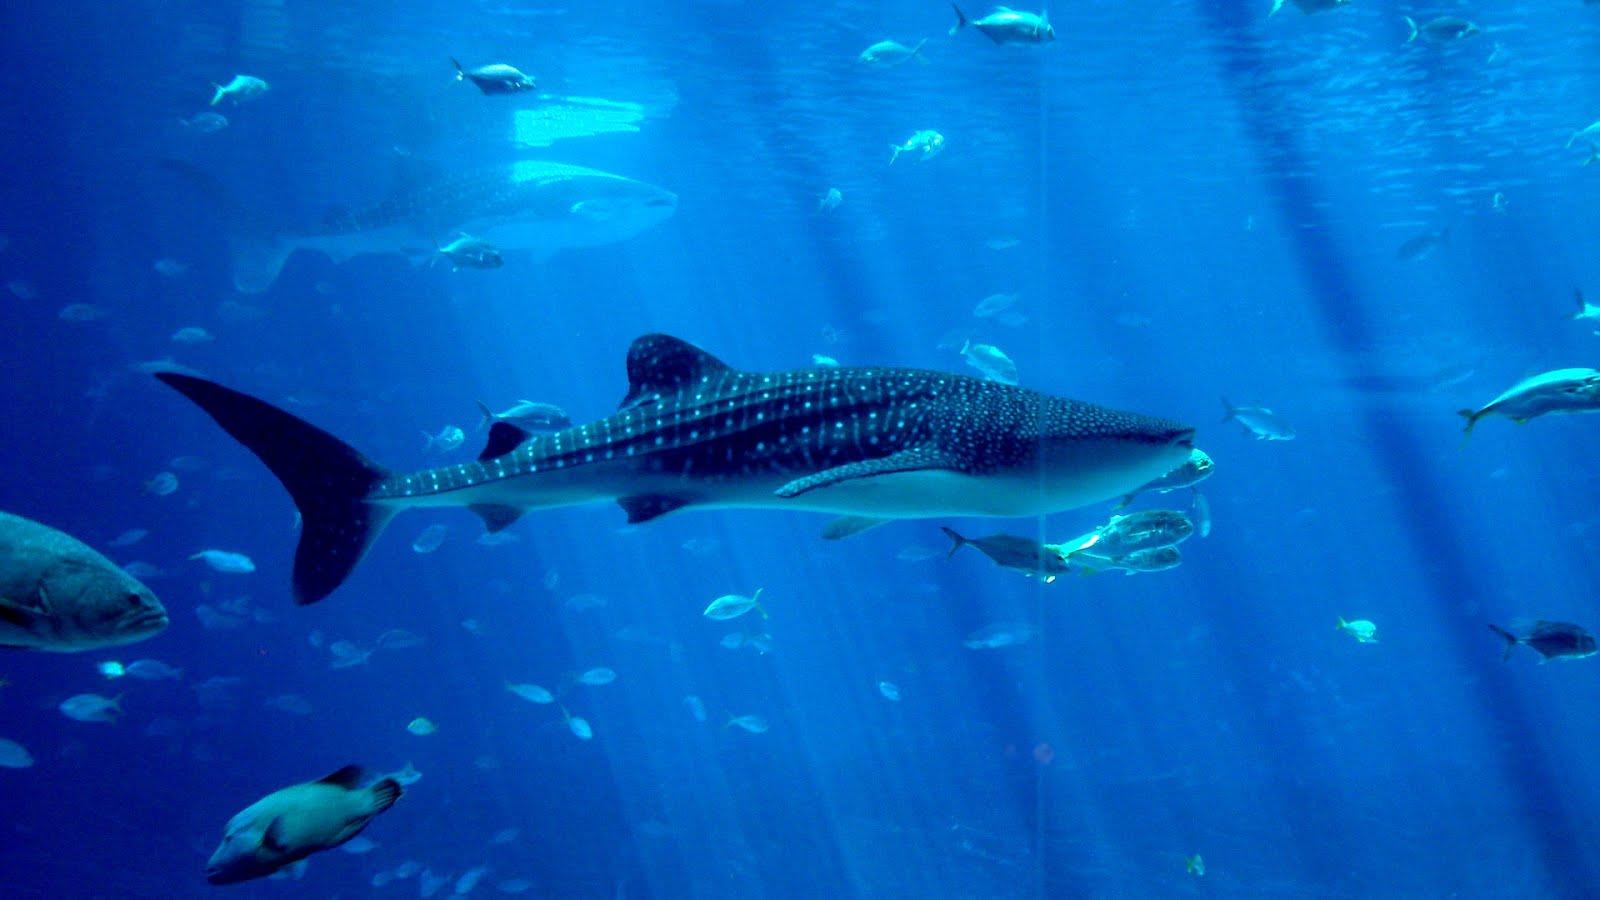 Underwater Creatures Wallpapers